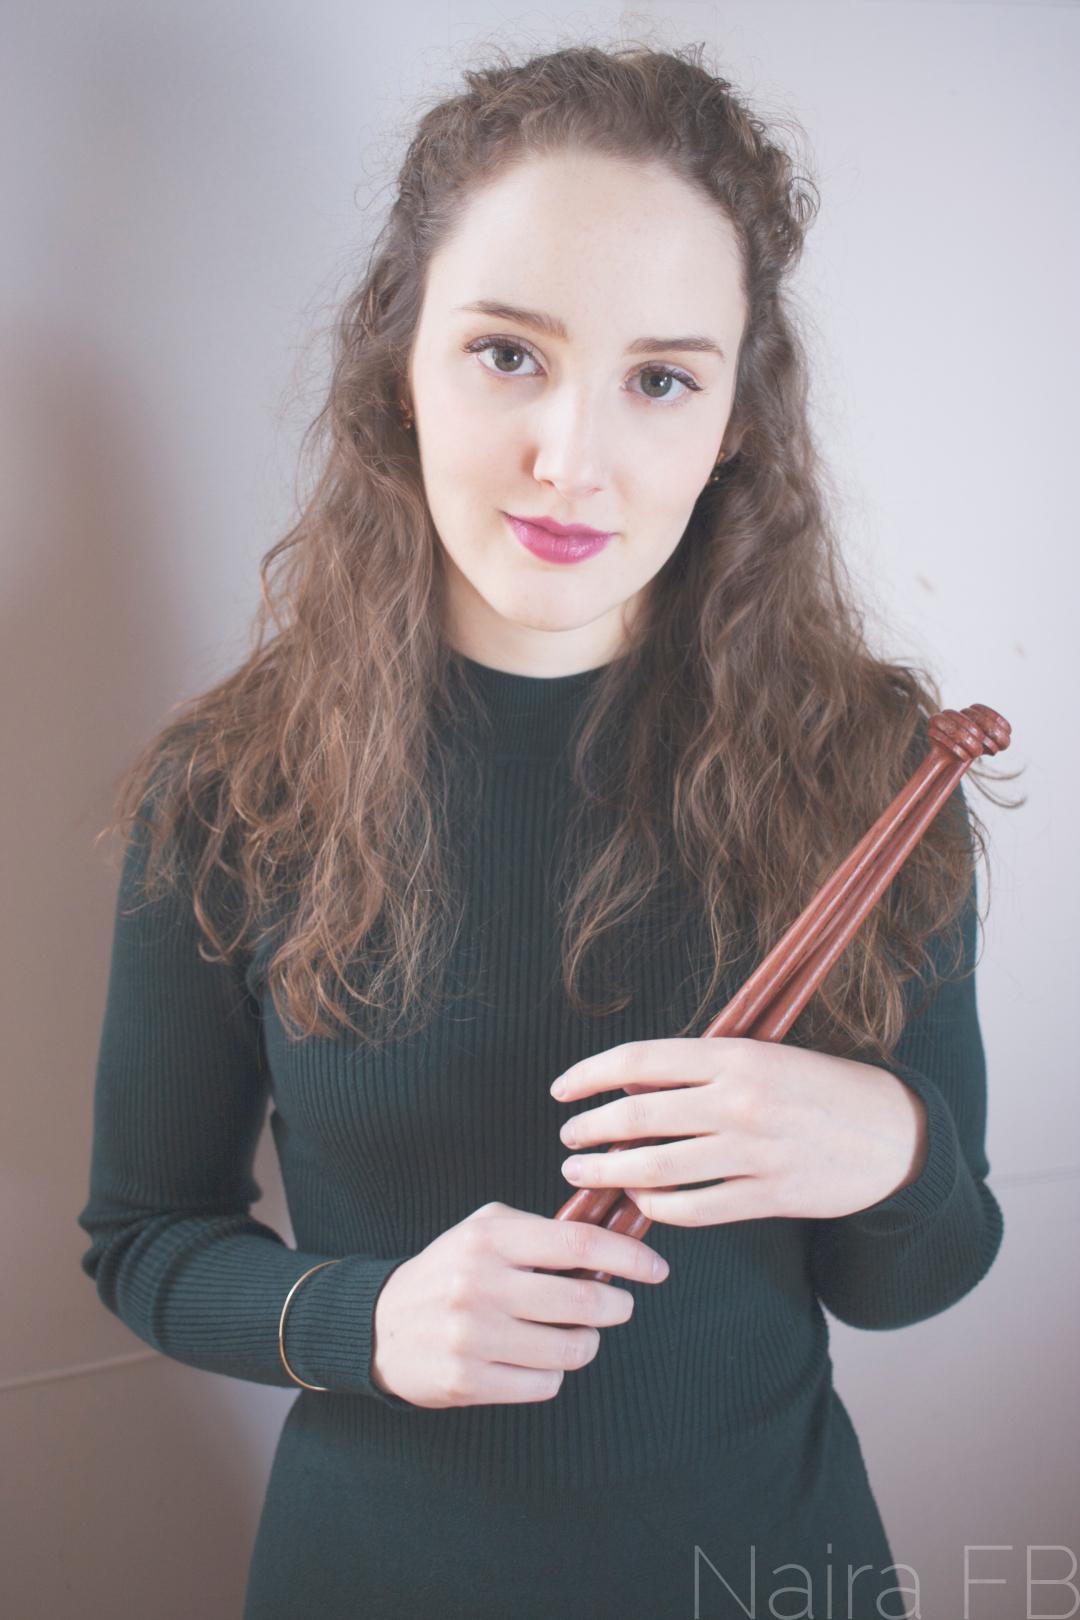 Lúcia da Silva, percussion